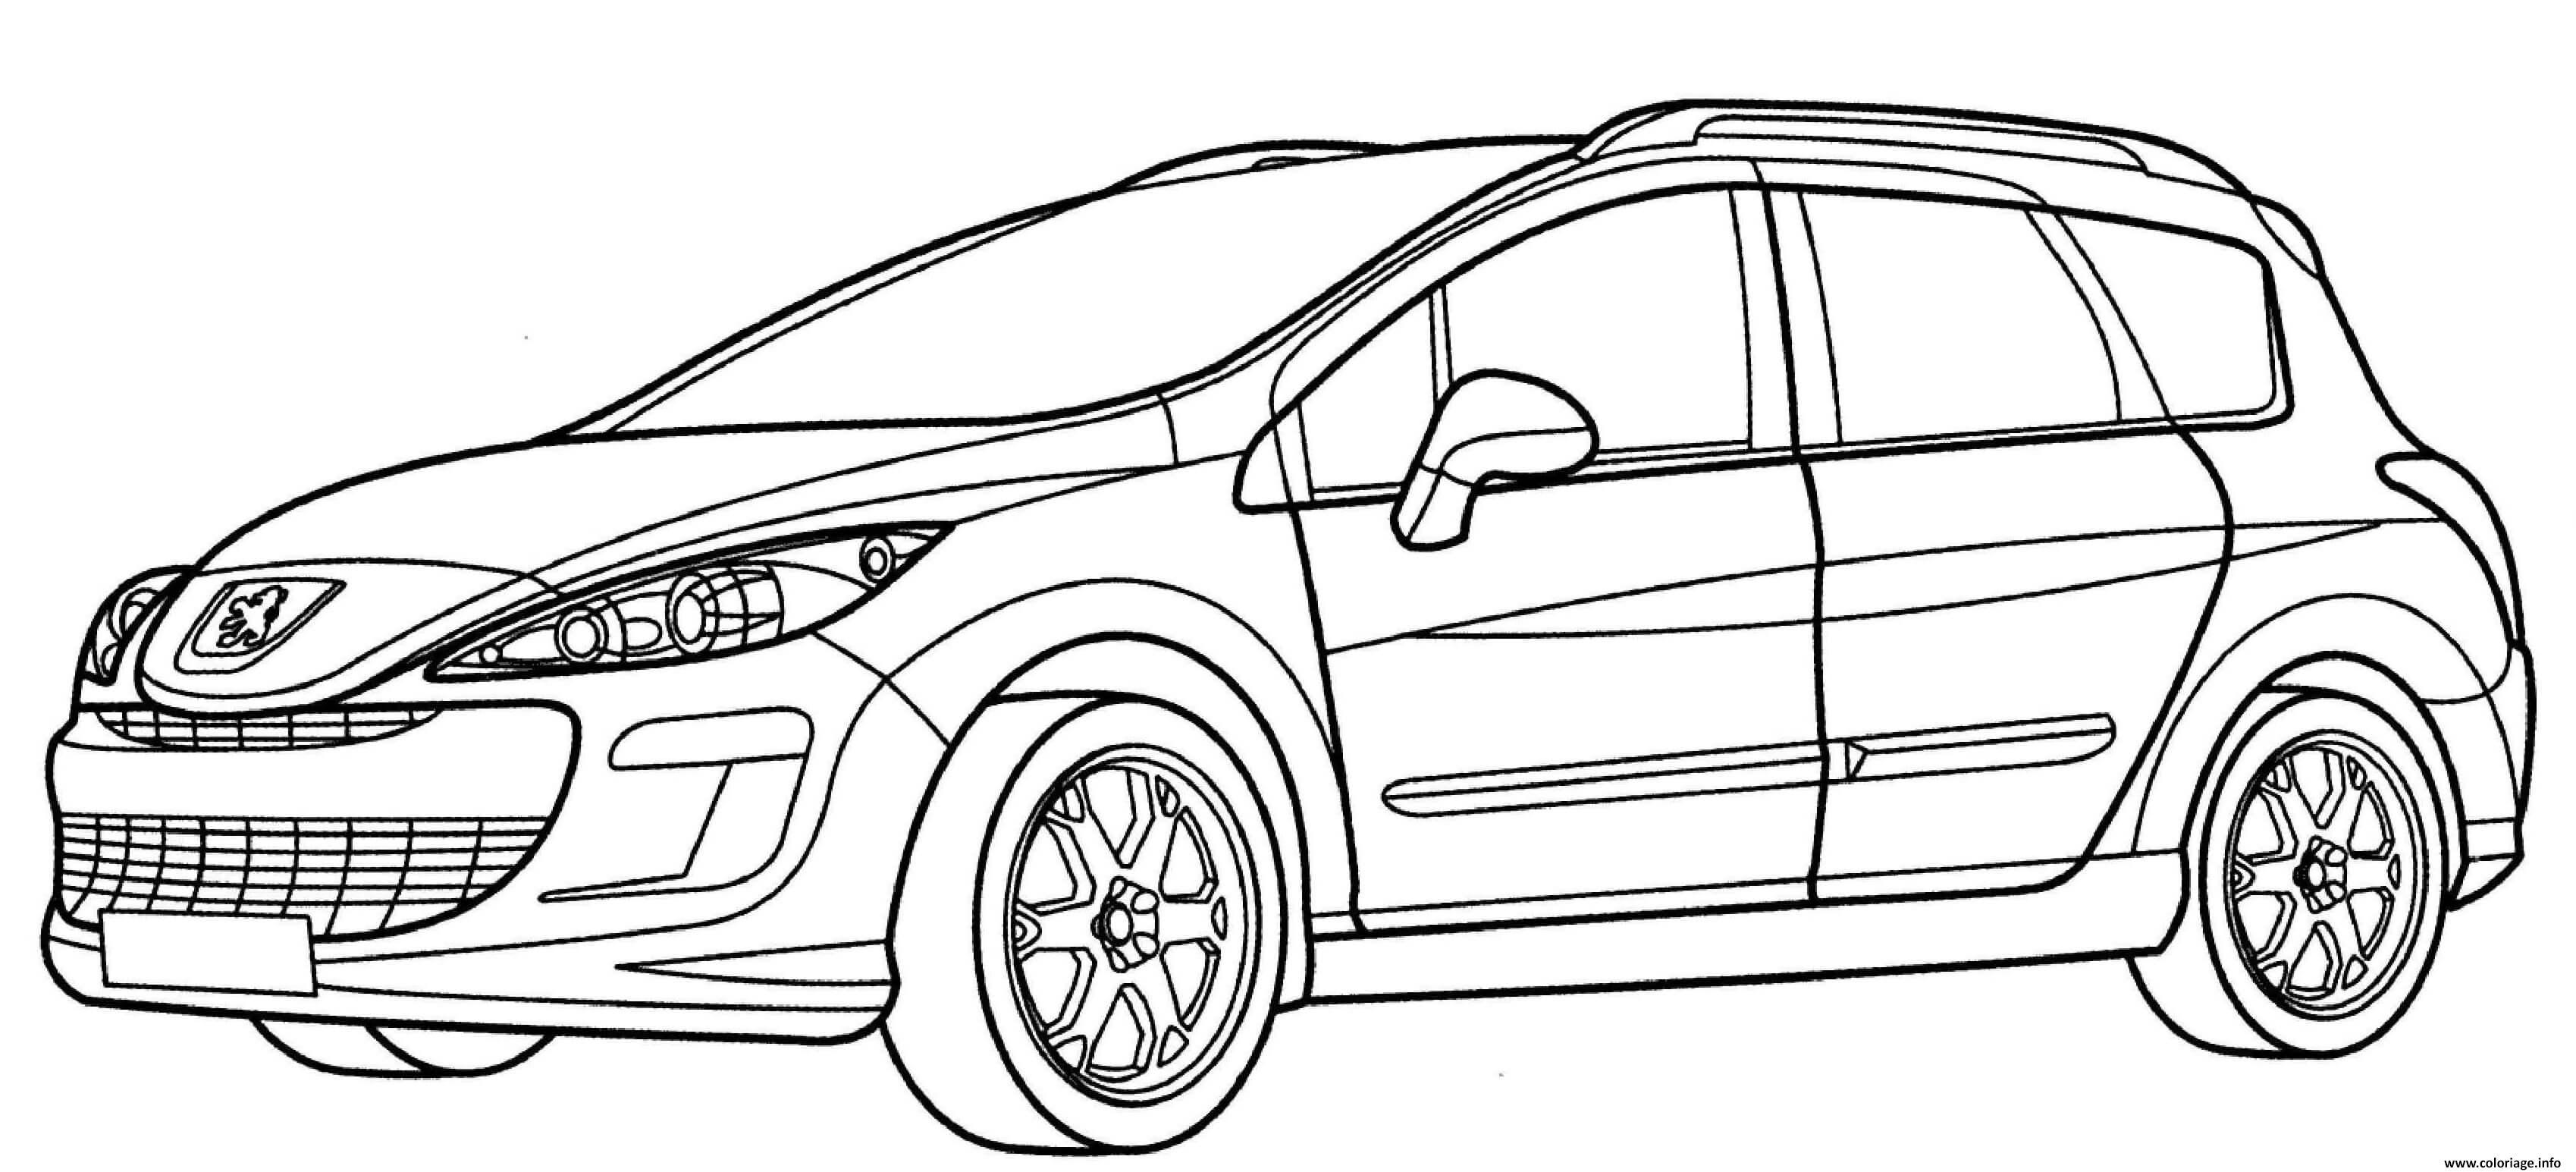 Coloriage Peugeot 308 Sw Dessin Voiture à imprimer